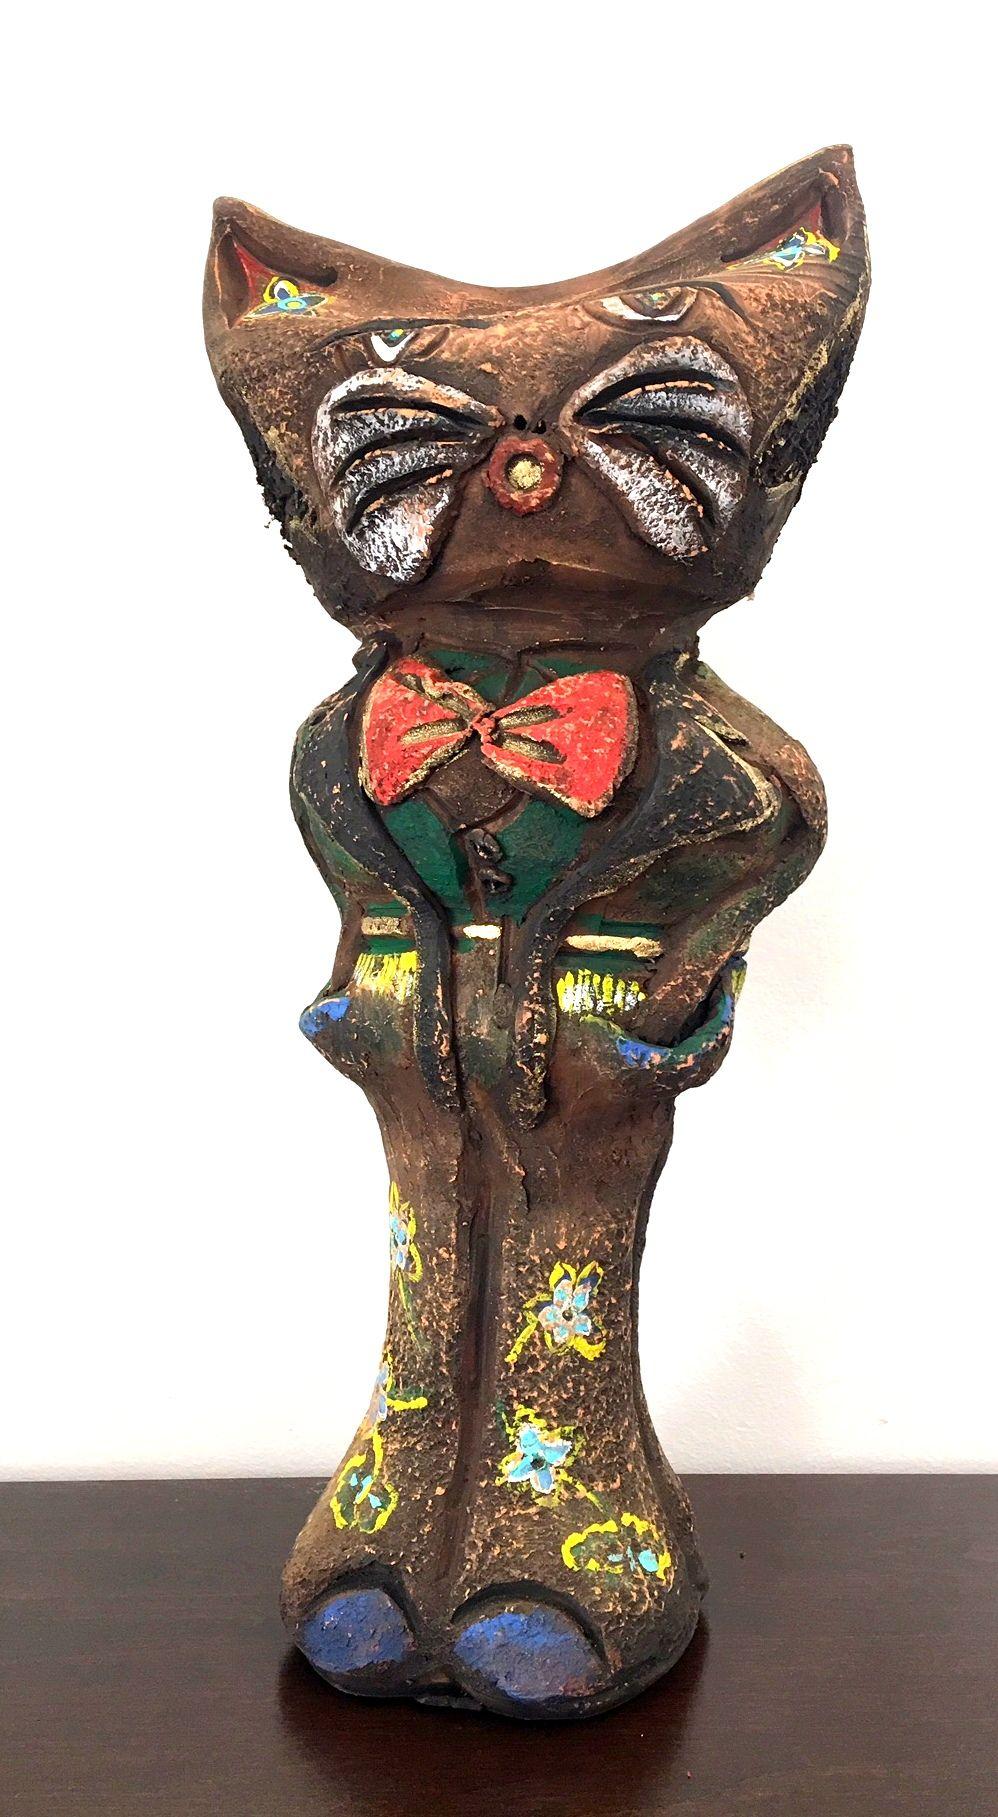 Macska szobor 2 : Kovácsoltvas farkú kerámia macska (vasmacska )